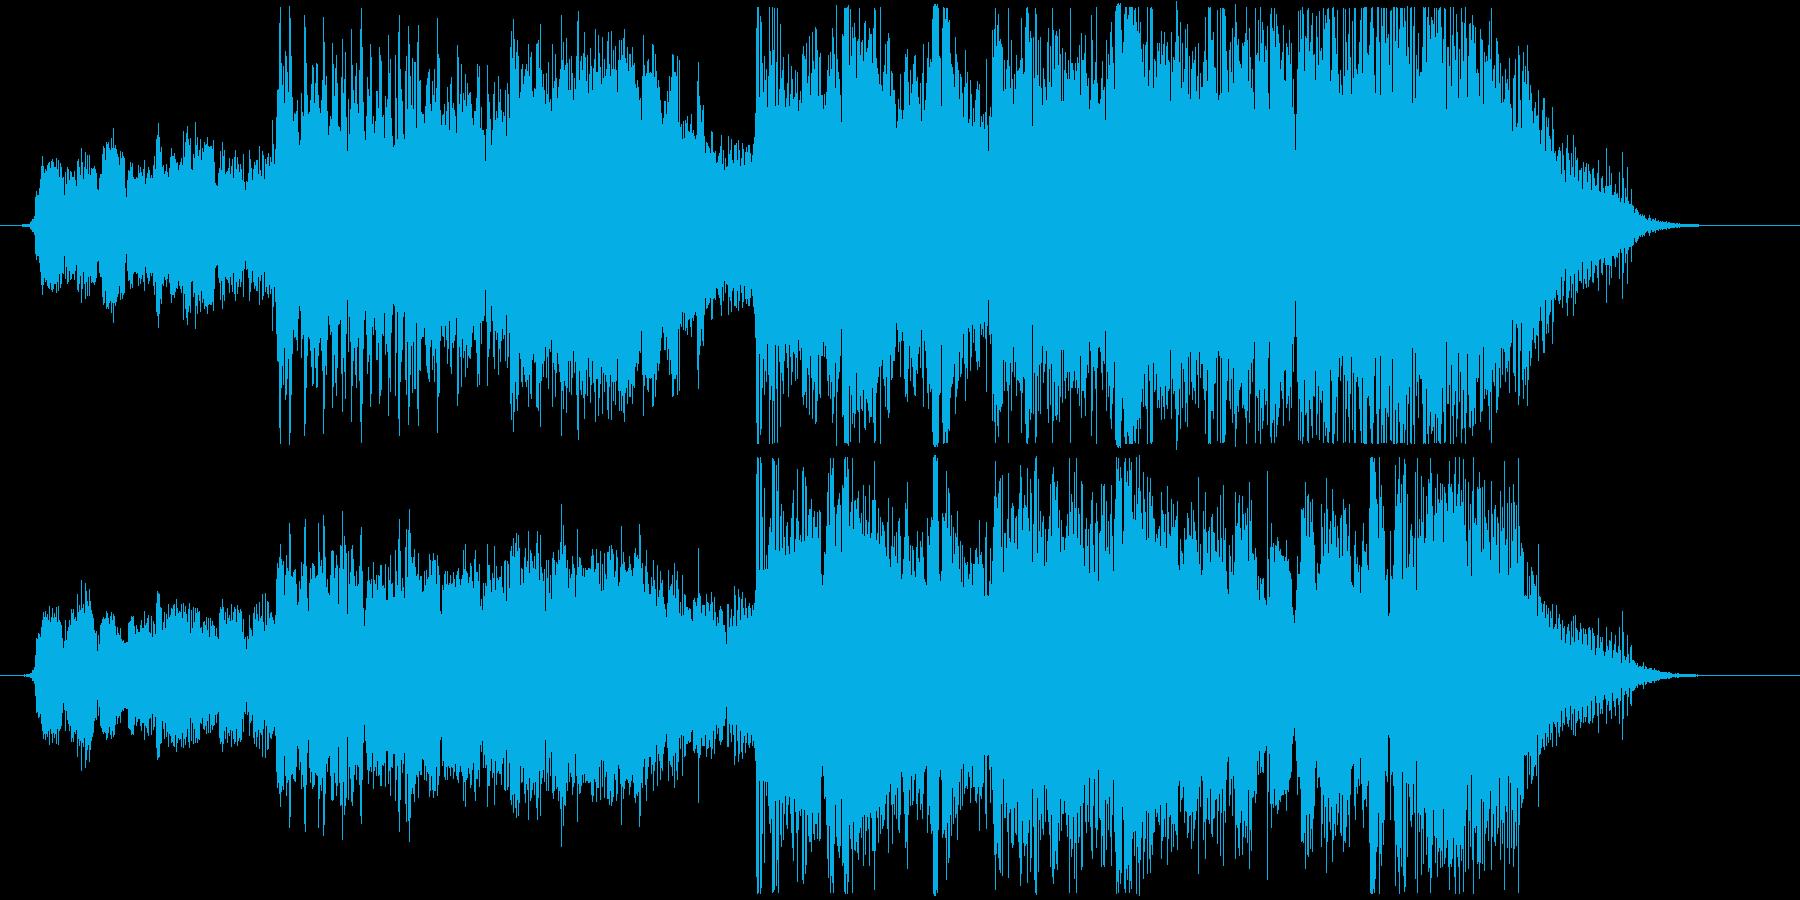 CM 妖怪や怪獣のレトロミュージックの再生済みの波形